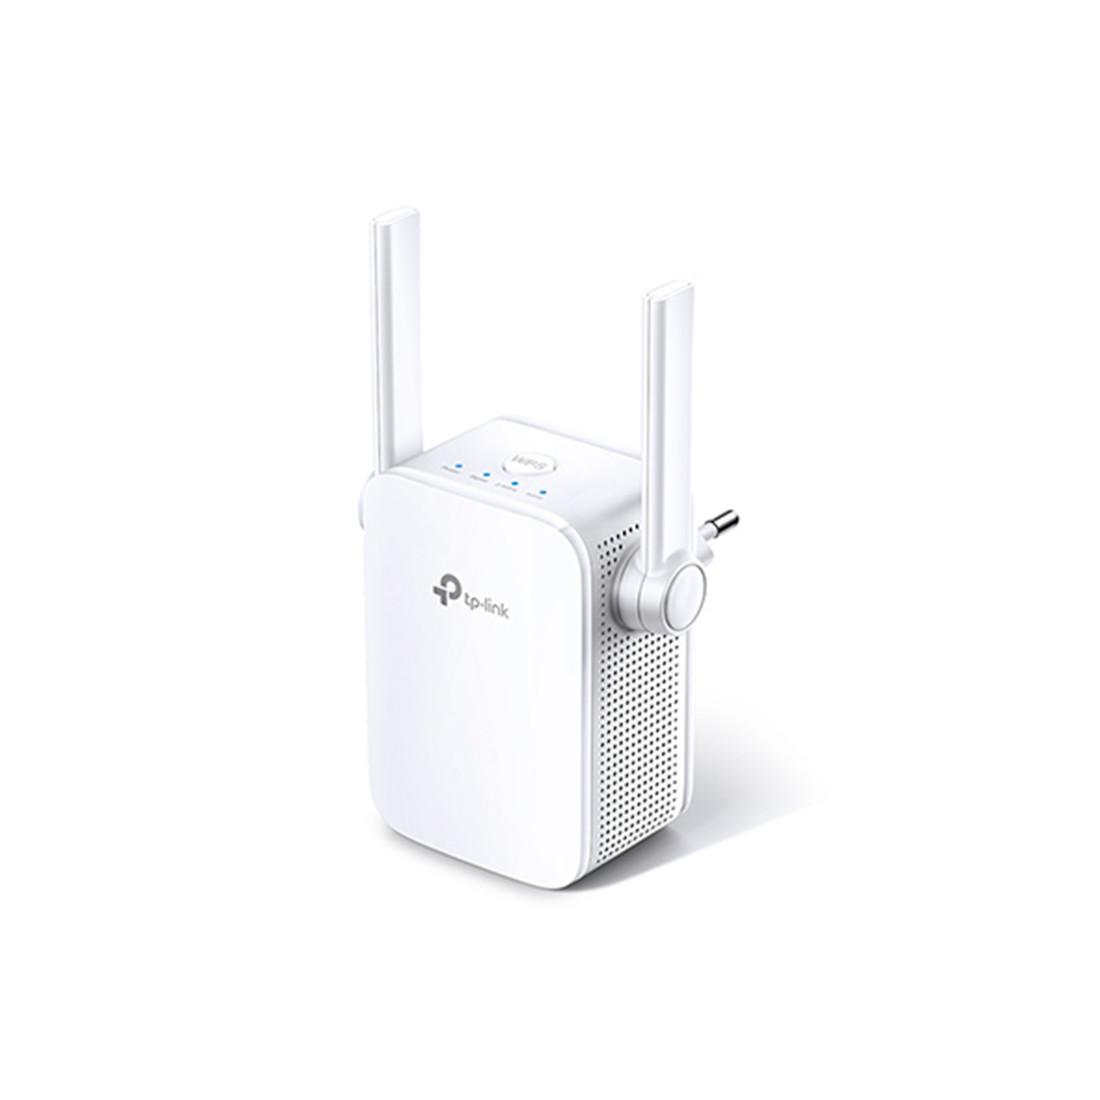 Усилитель Wi-Fi сигнала TP-Link RE305, 1200М